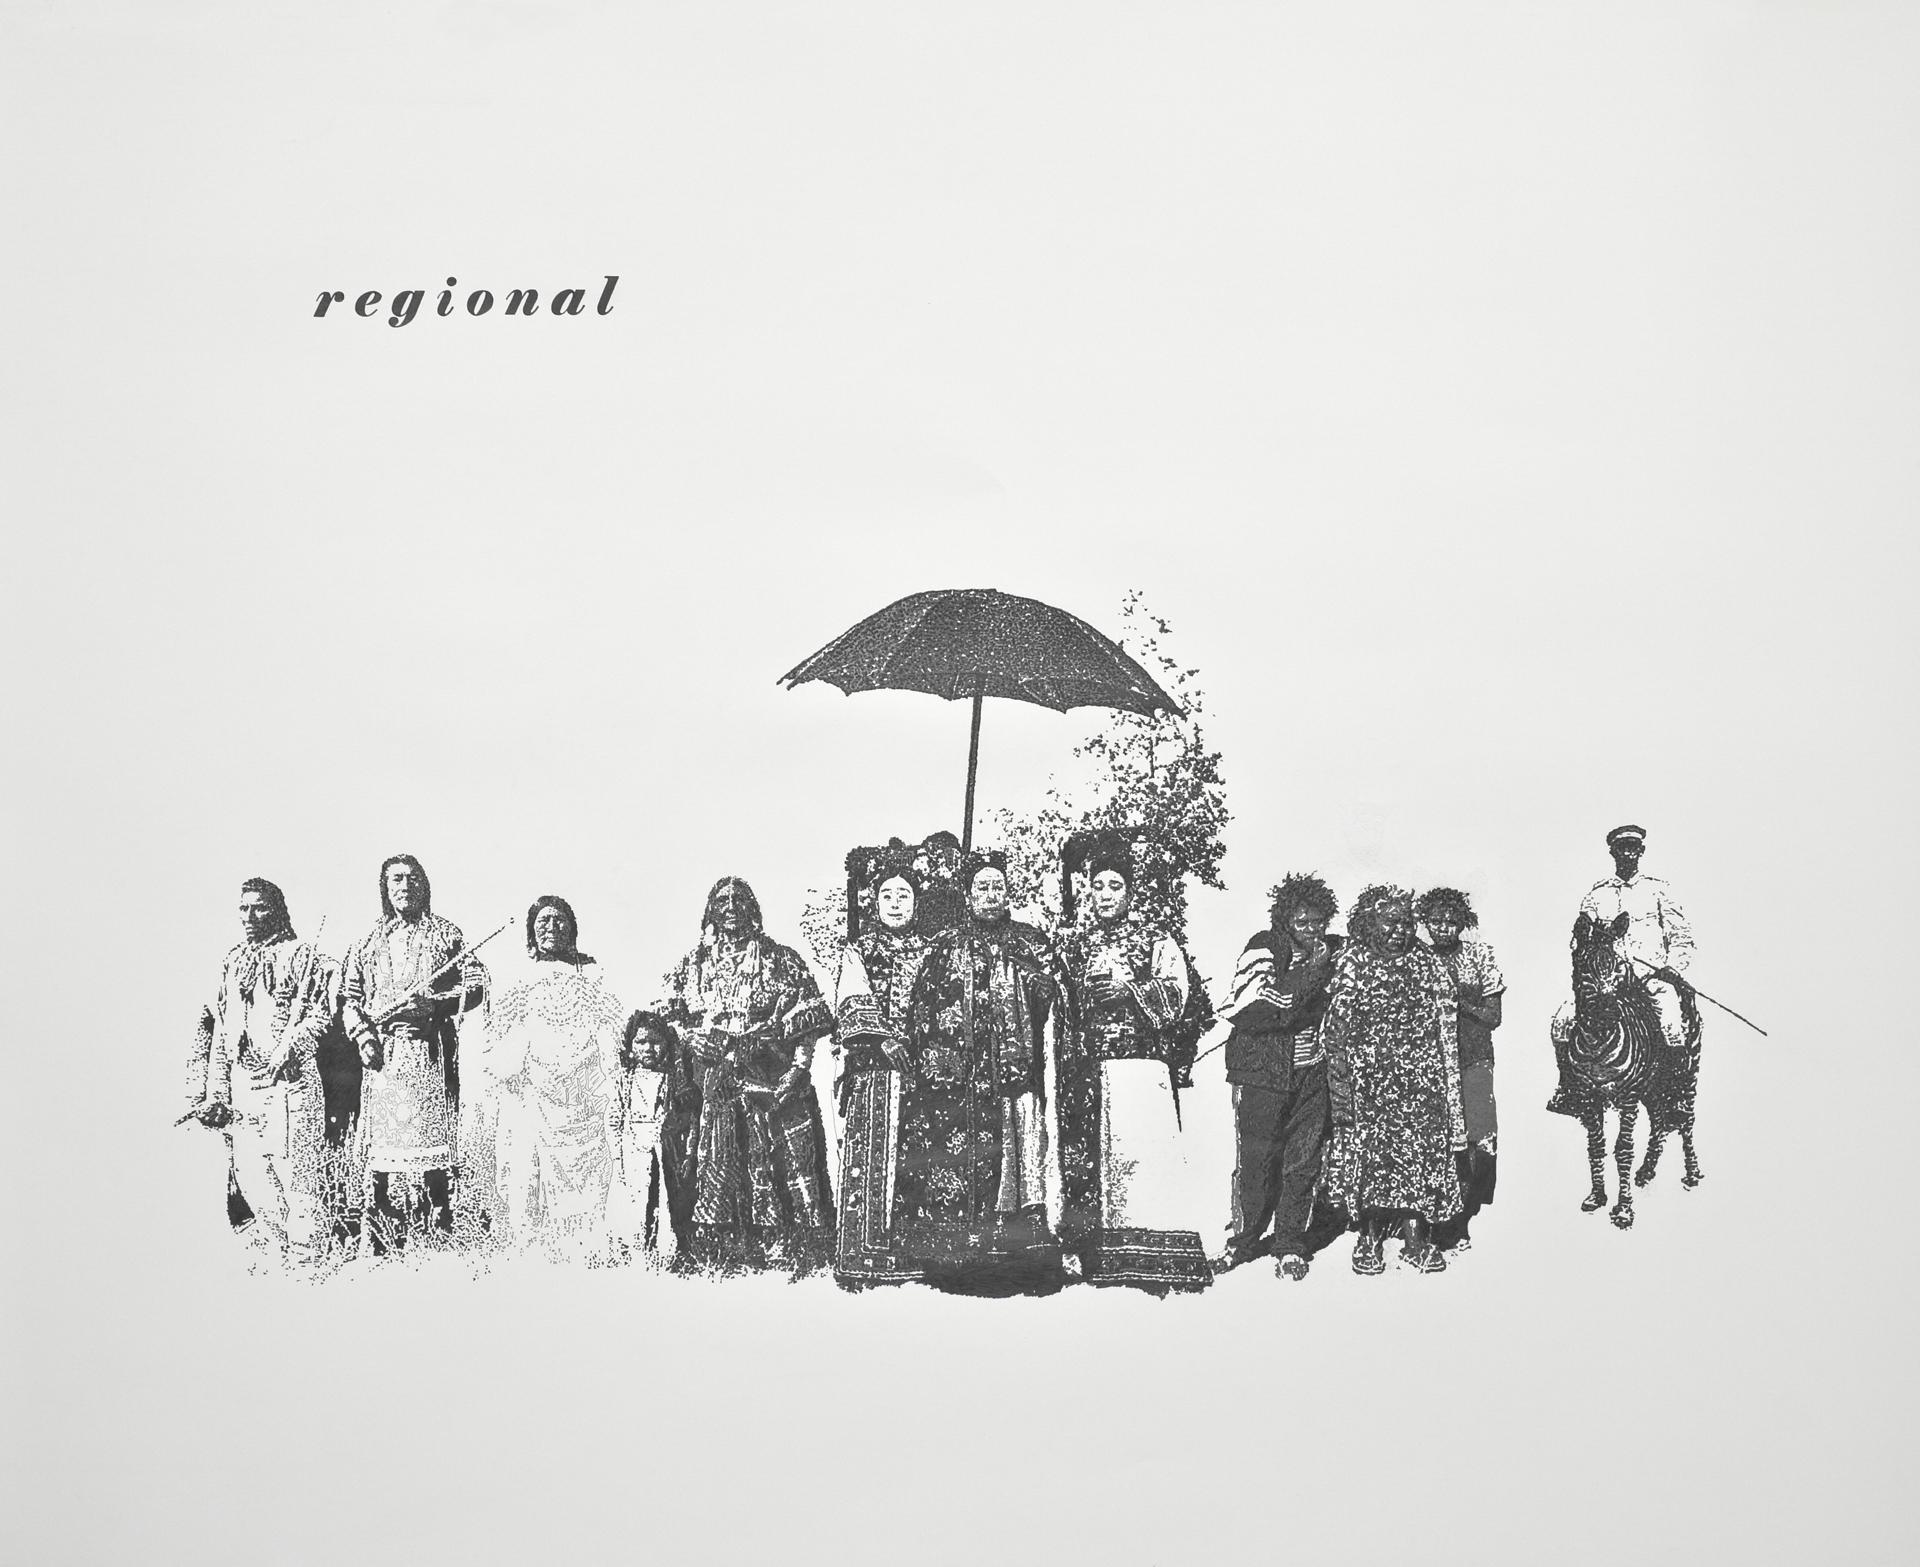 regional, Bleistift auf Papier, 110cm x 135cm, 2010